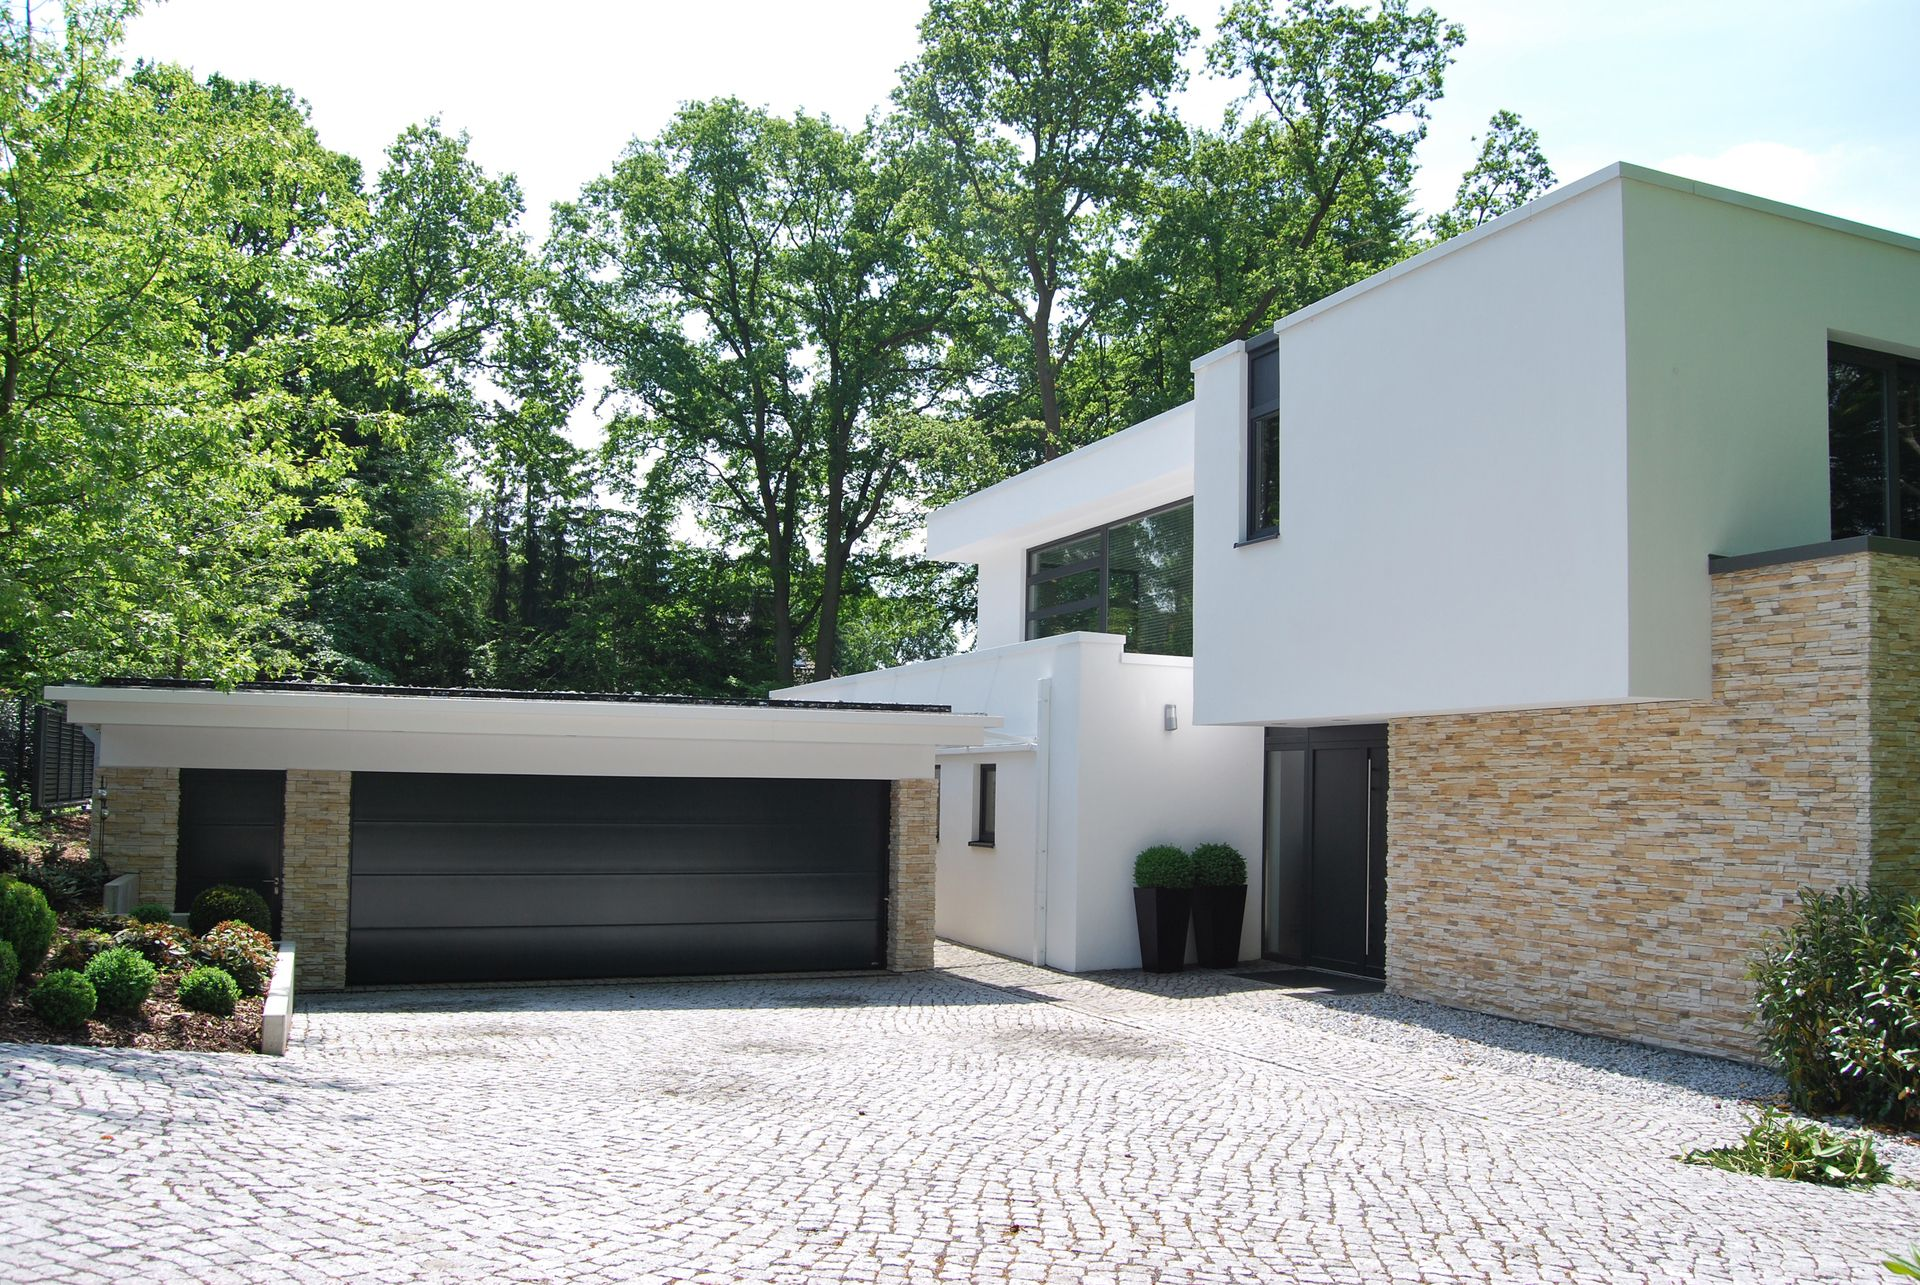 garage mit naturstein-verkleidung - bauemotion.de